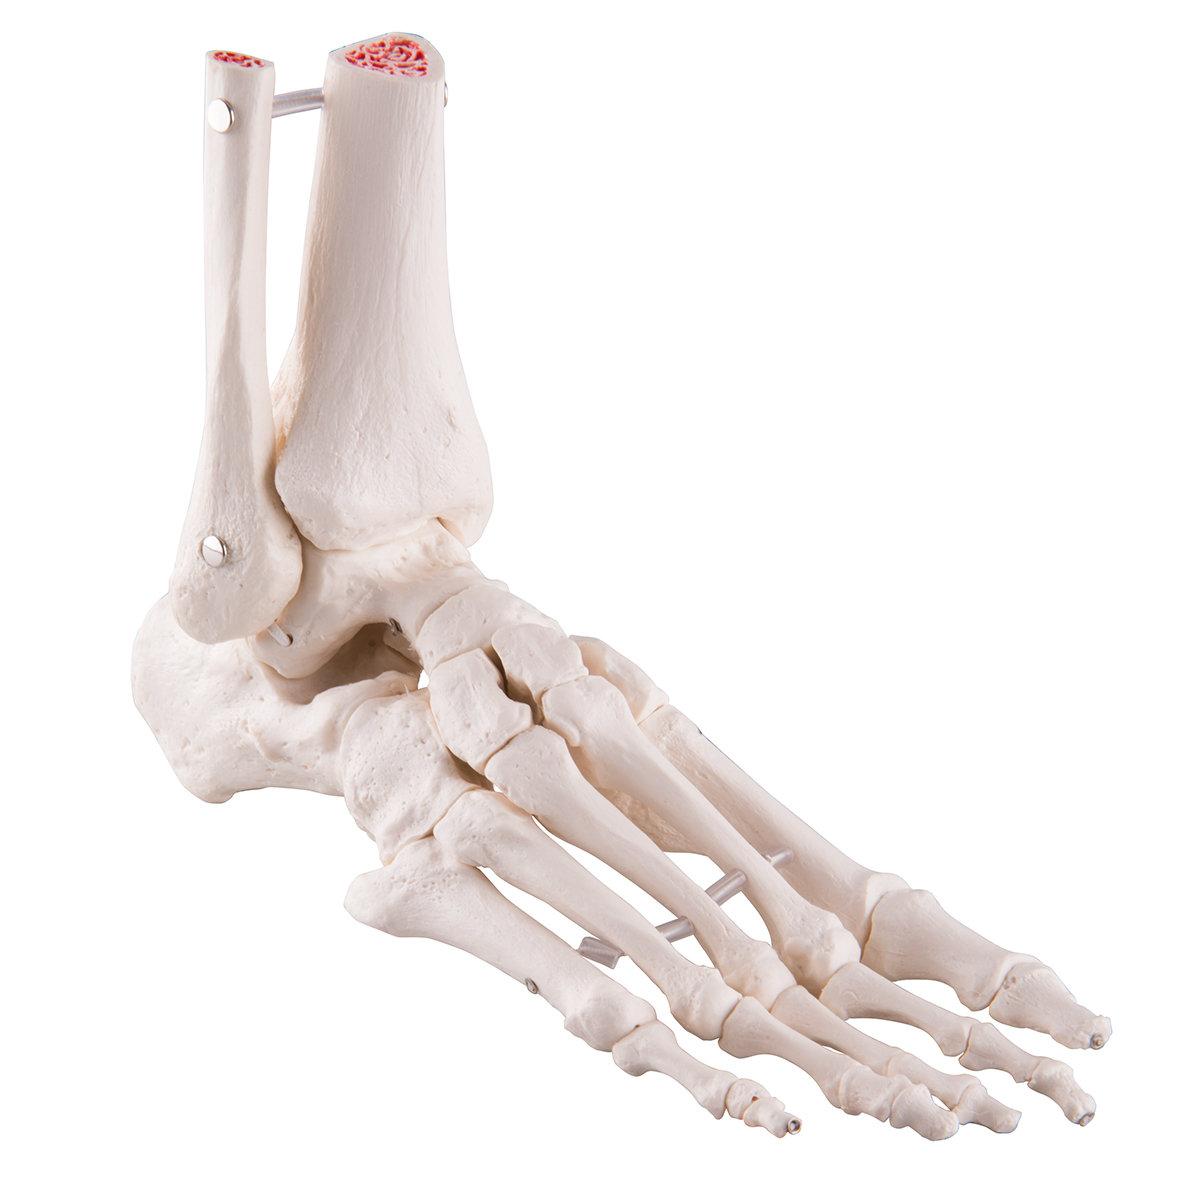 Fot & Fotleds Skelett med tibia & fibula , A31